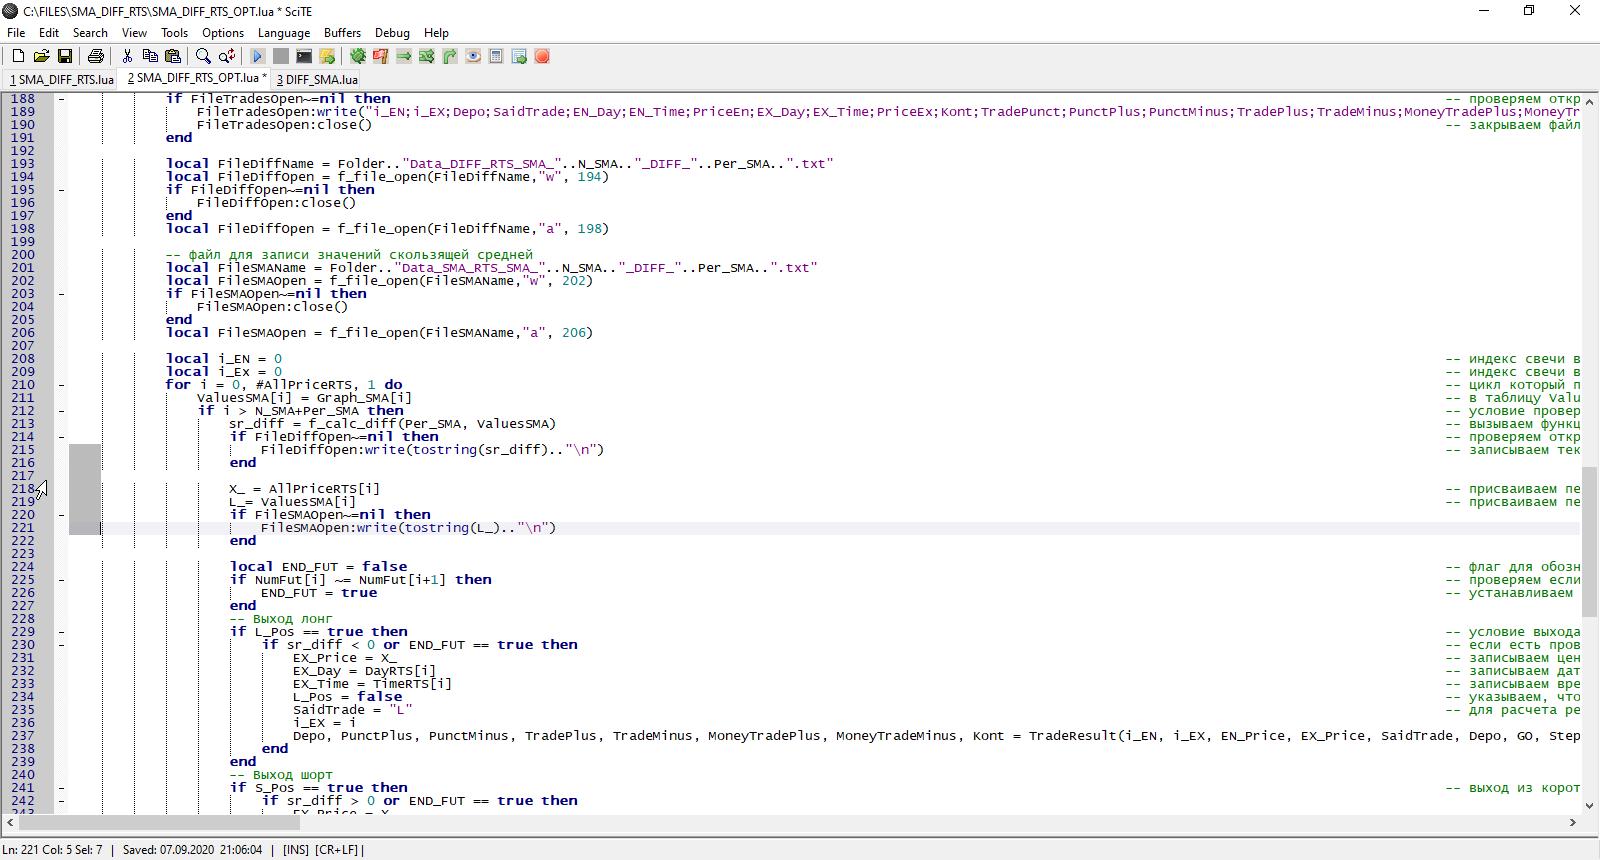 QUIK LUA файлы для записи параметров, торговый робот на фьючерс РТС